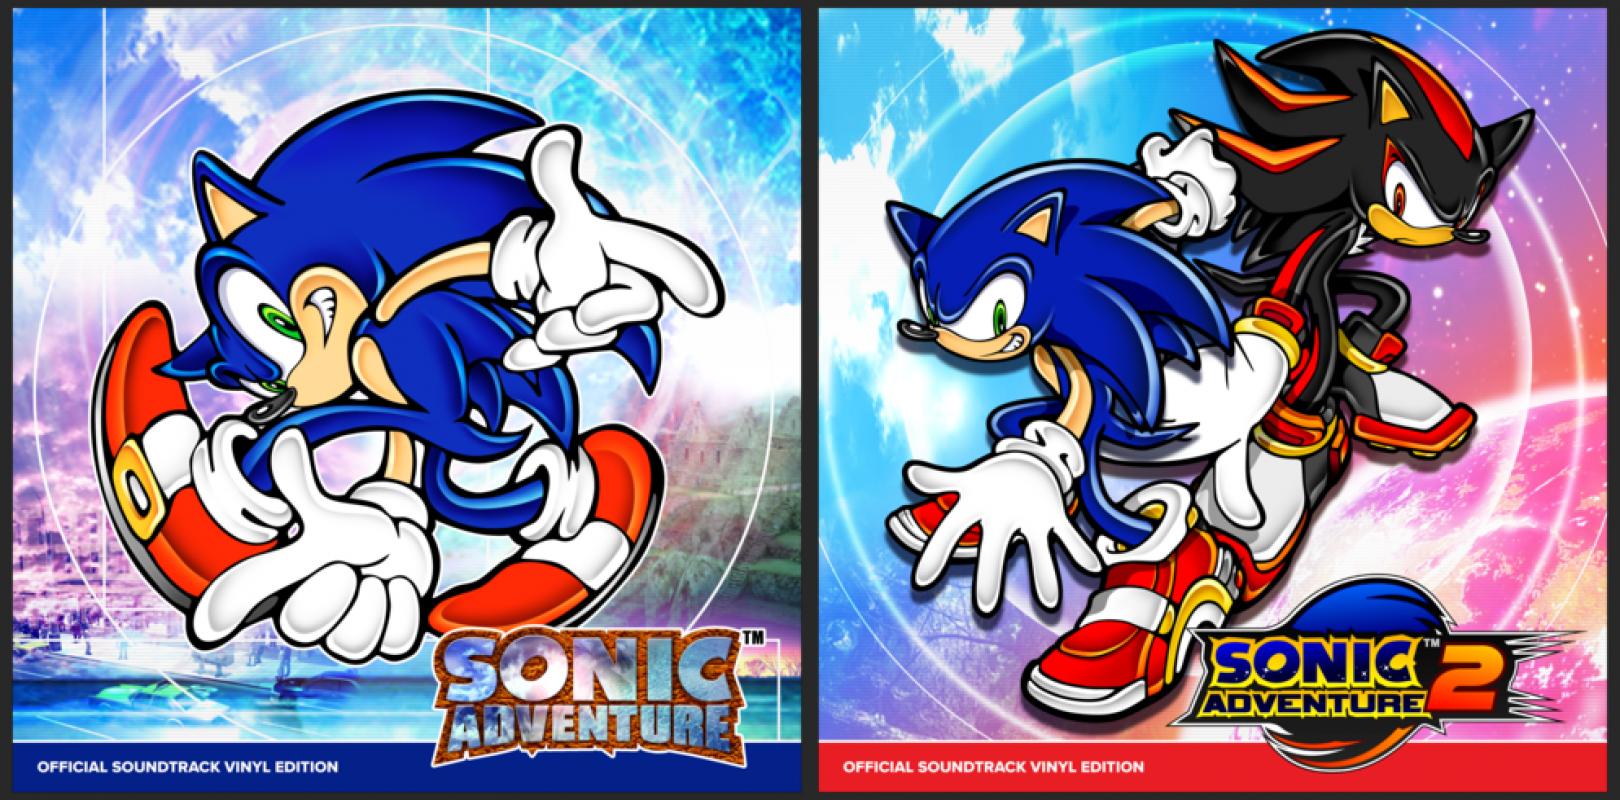 Sonic adventure 1 & 2